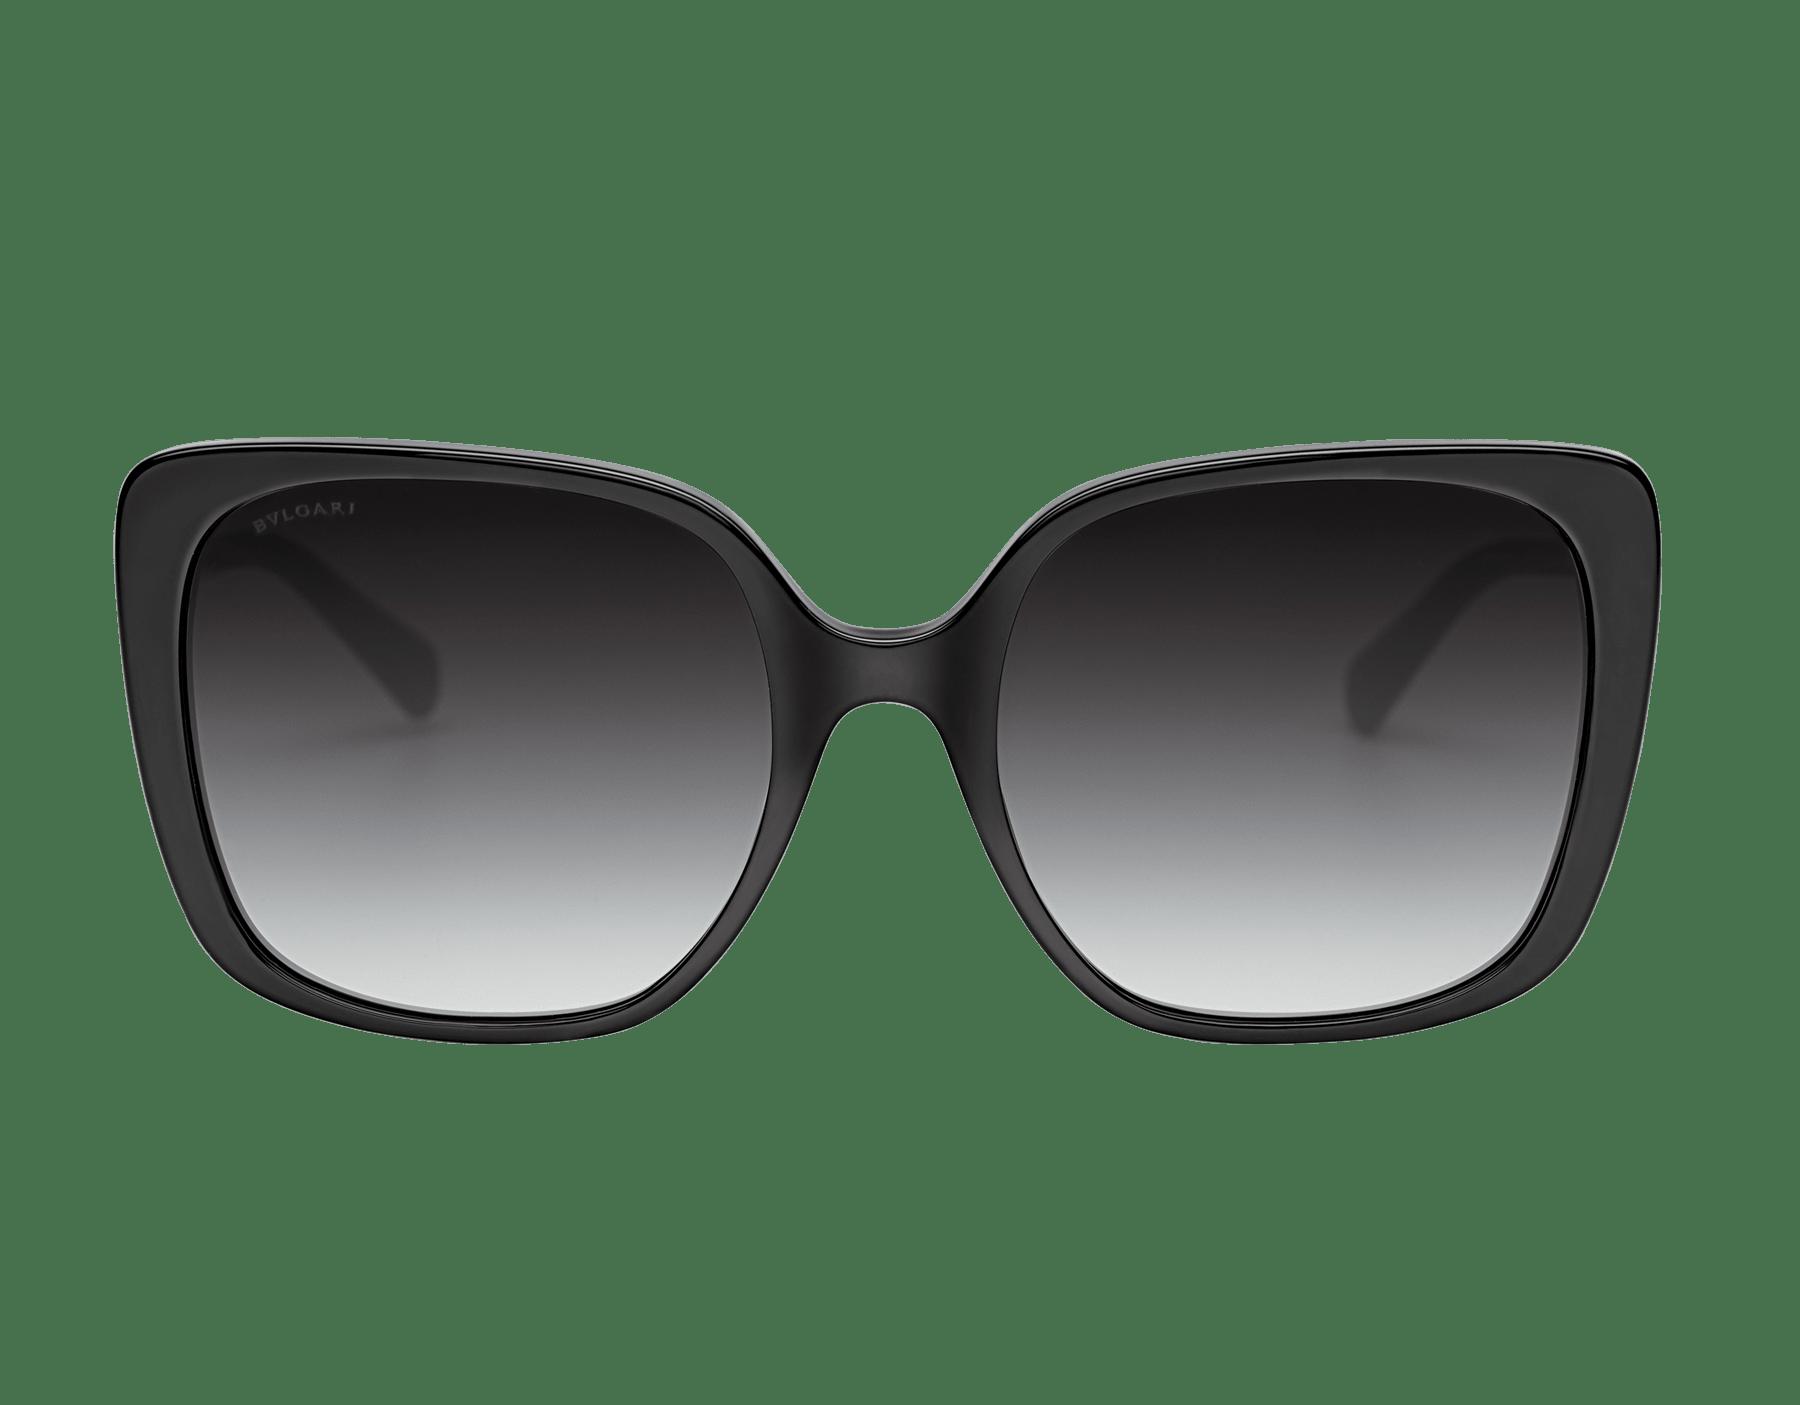 Bulgari Fiorever squared acetate sunglasses. 904010 image 2